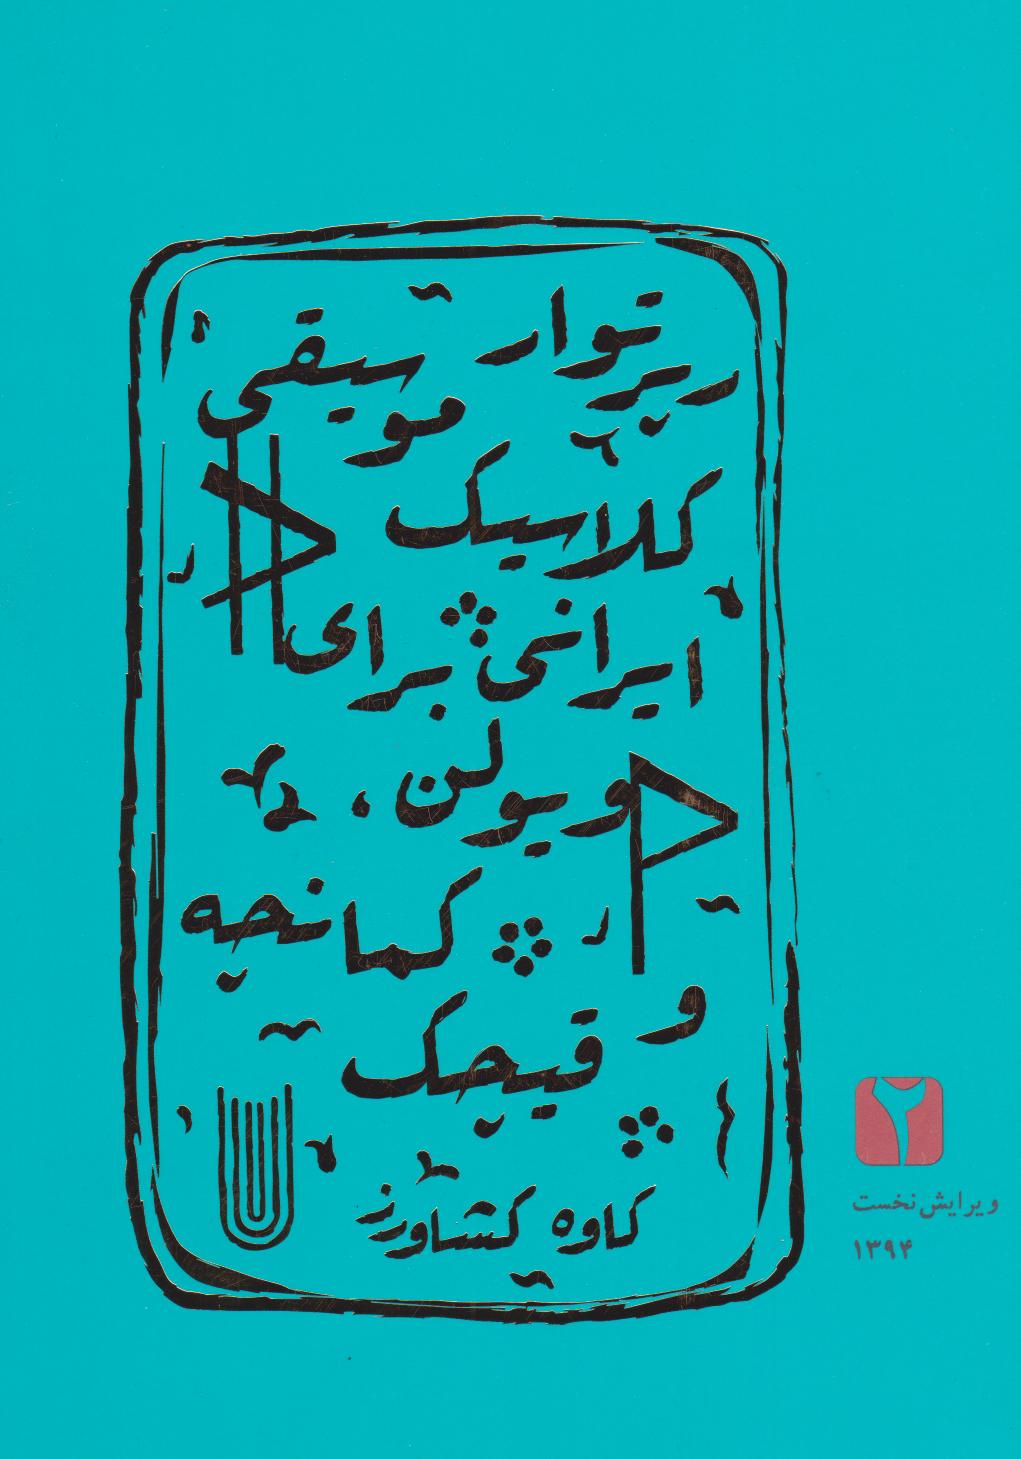 کتاب دوم رپرتوار کلاسیک موسیقی ایرانی برای ویولن کمانچه قیچک کاوه کشاورز انتشارات مانوش